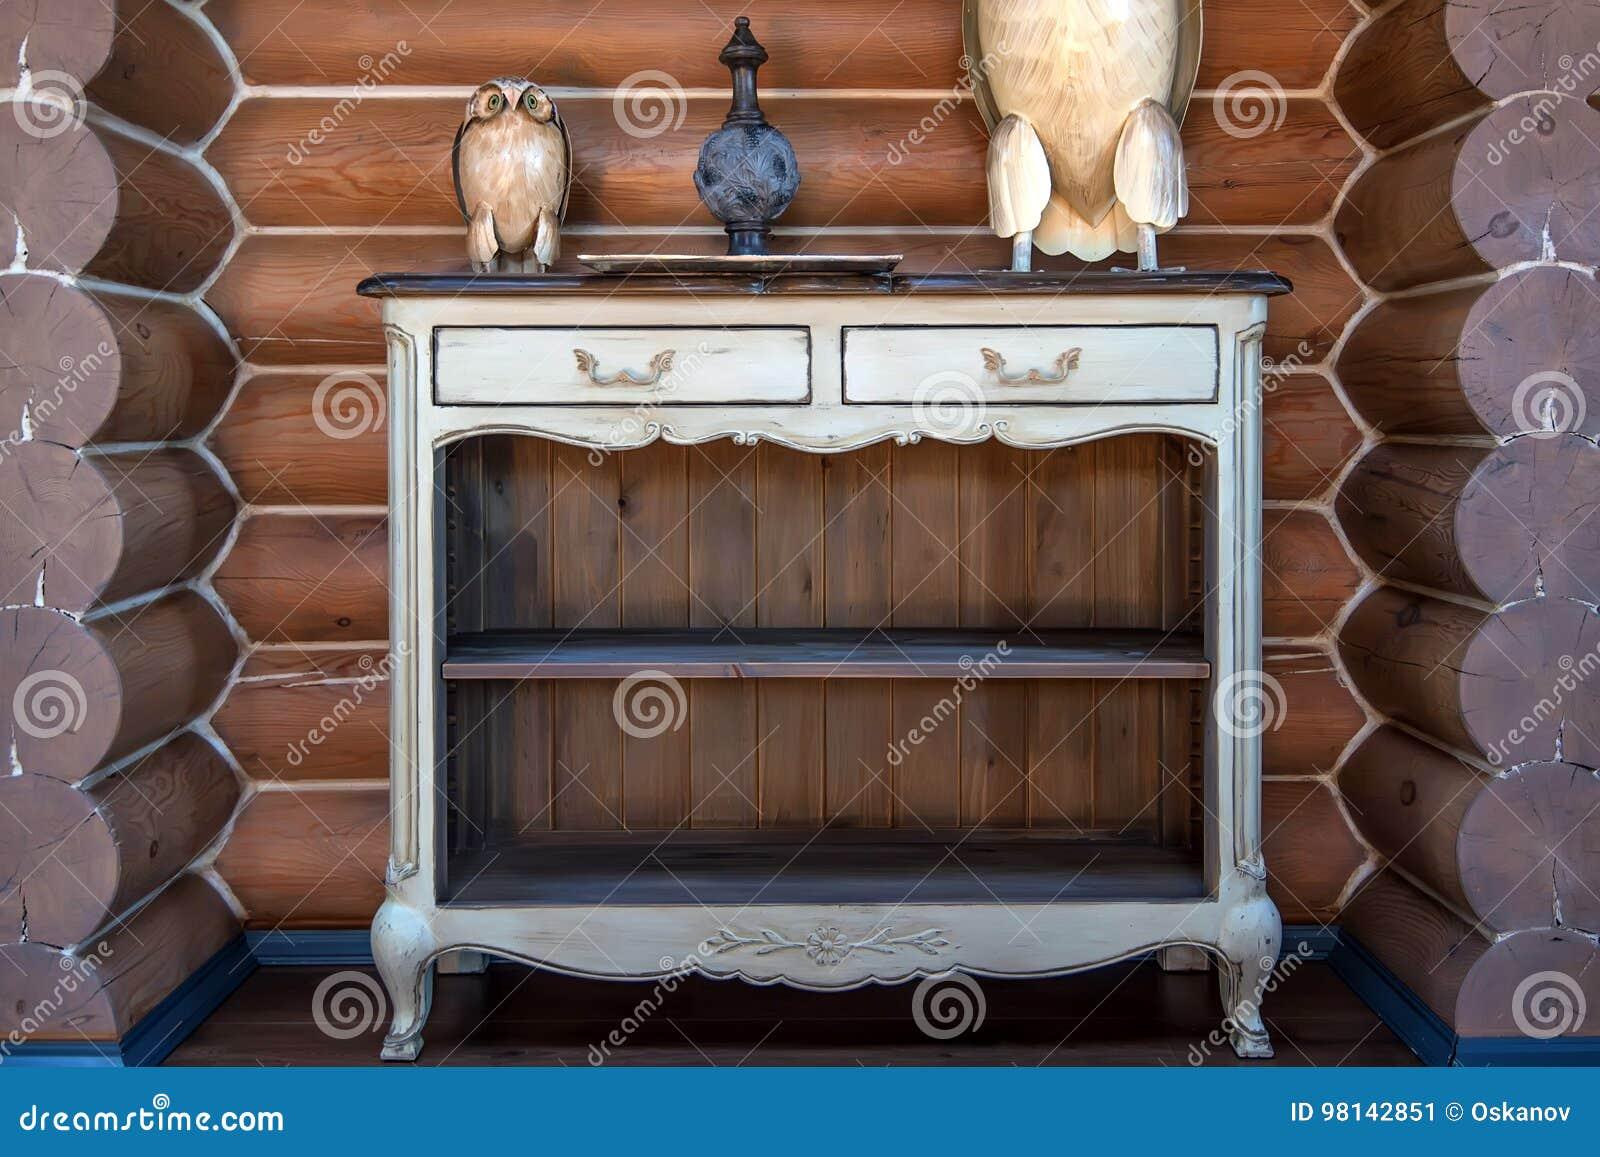 Vintage Wooden Dresser Stock Image Image Of Cupboards 98142851